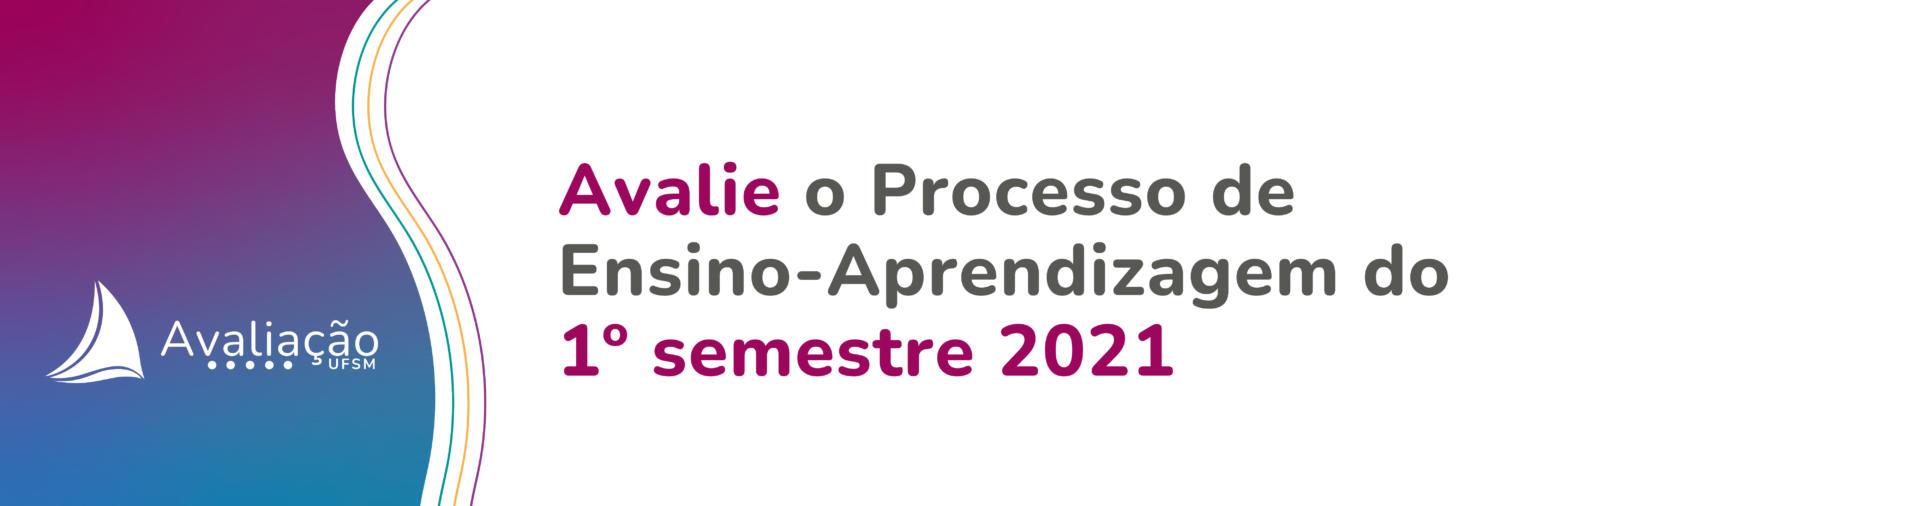 Banner branco com ondas azuis e roxas. Texto: Avalie o processo ensino-aprendizagem do 1º semestre 2021